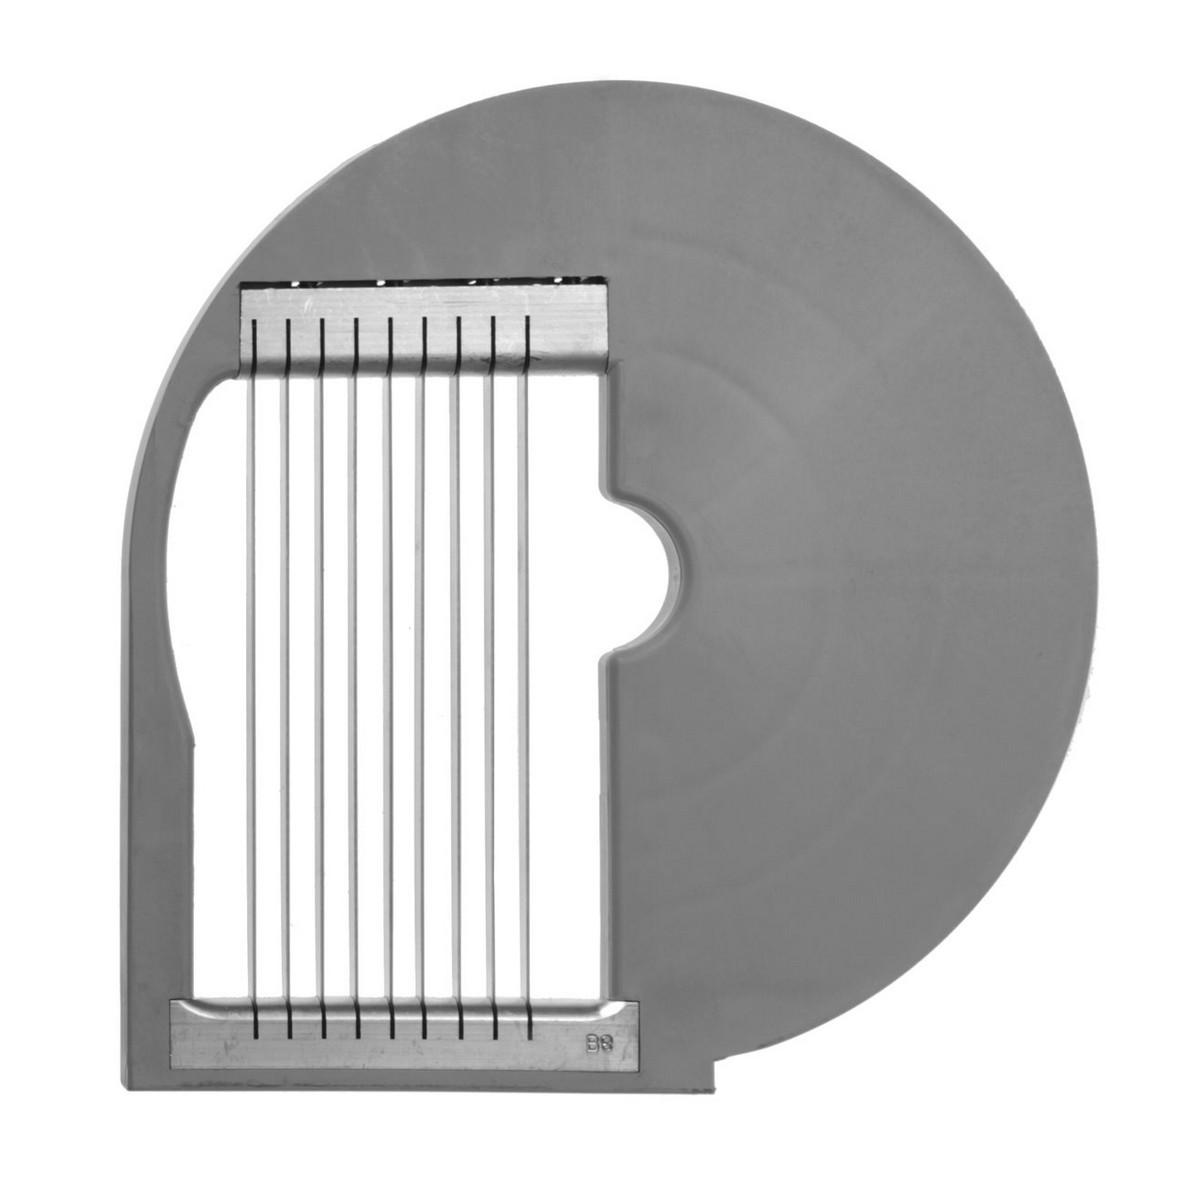 B8 Serie AK Disc - Für alle CHEF 300-400-Modelle